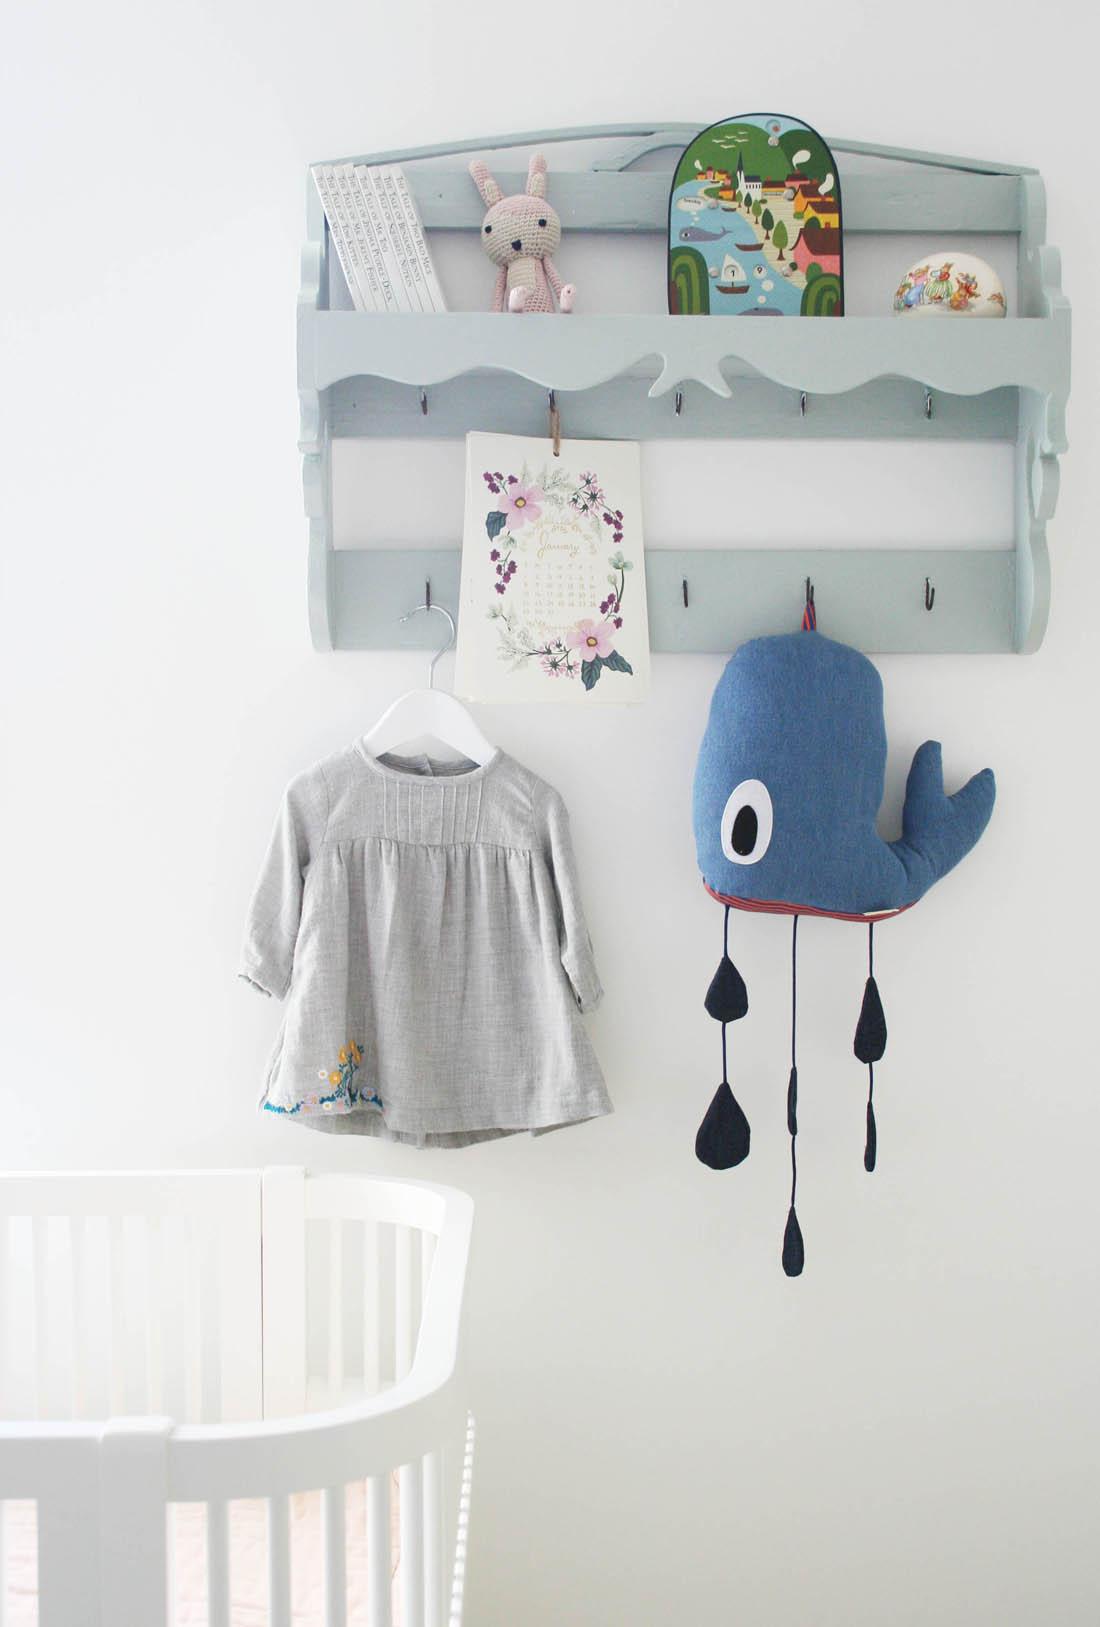 Nursery tour | Ferm Living whale mobile | Vintage shelf unit | Apartment Apothecary